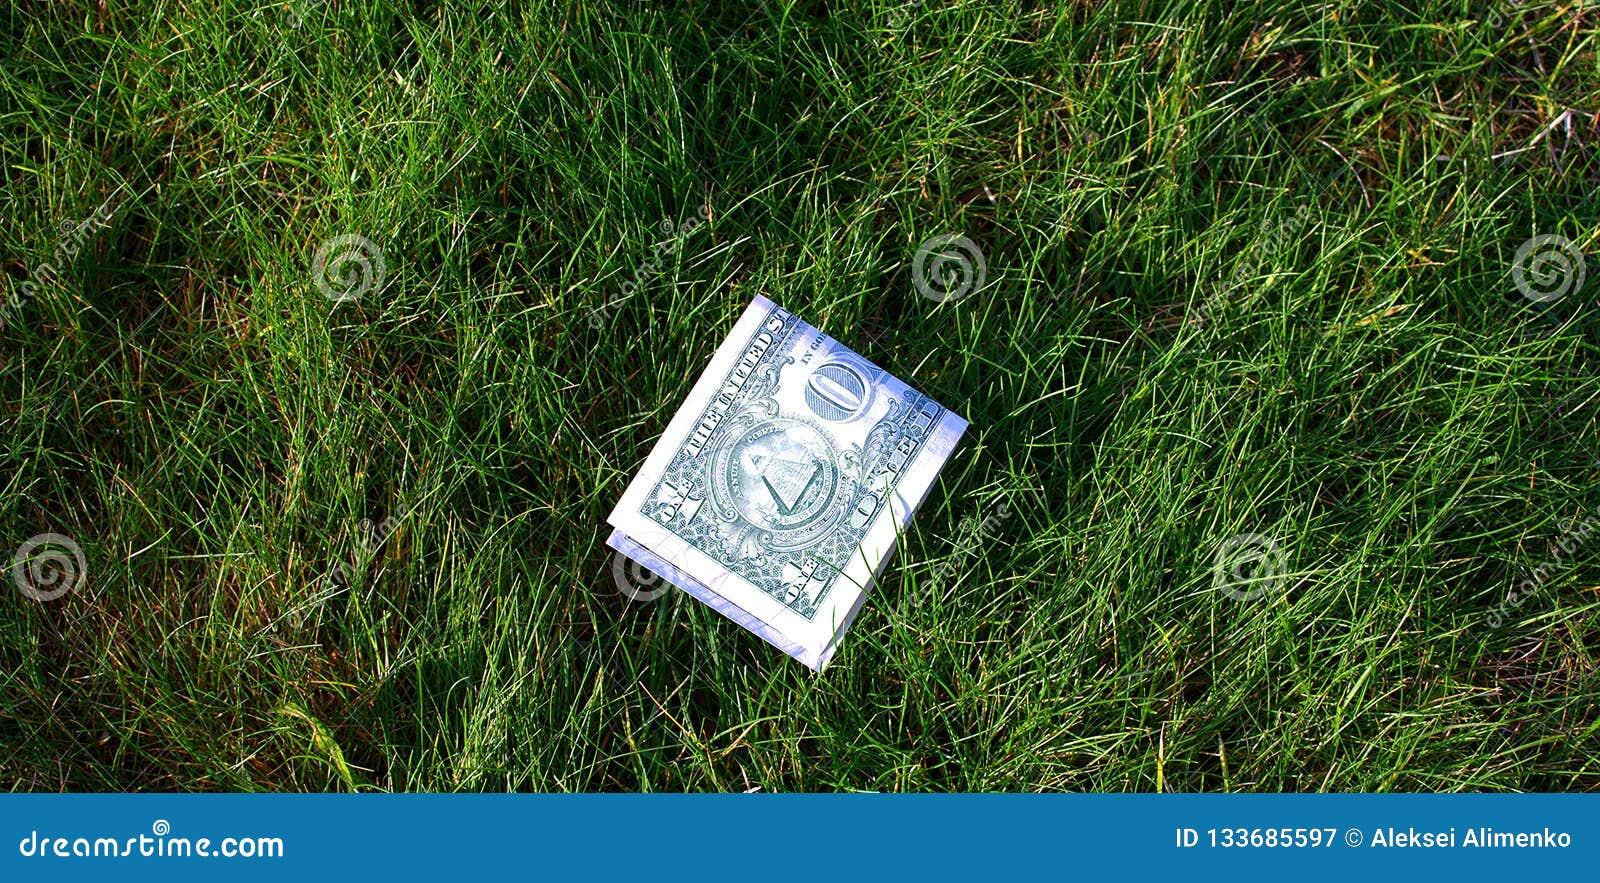 Dólar verde dobrado ao meio na grama verde